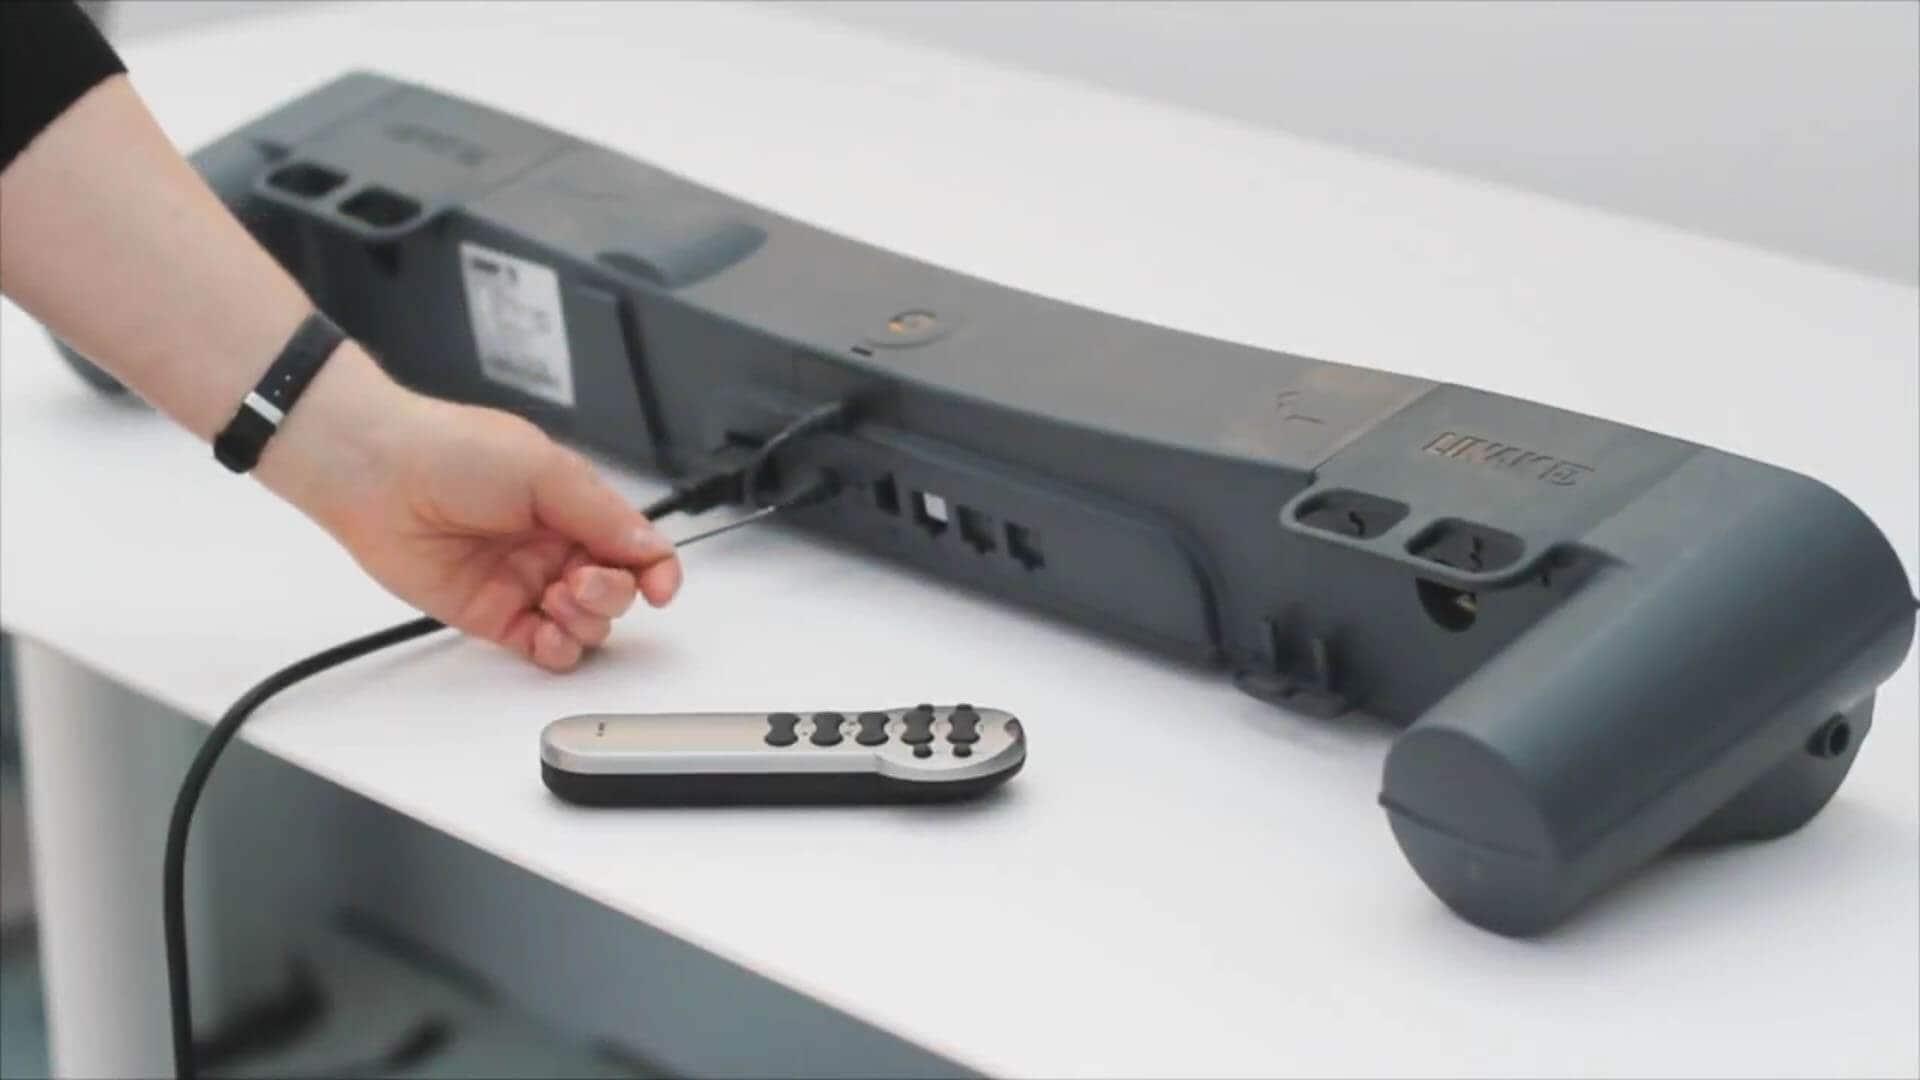 TD3 - 무선 주파수 핸드셋을 설정하는 방법